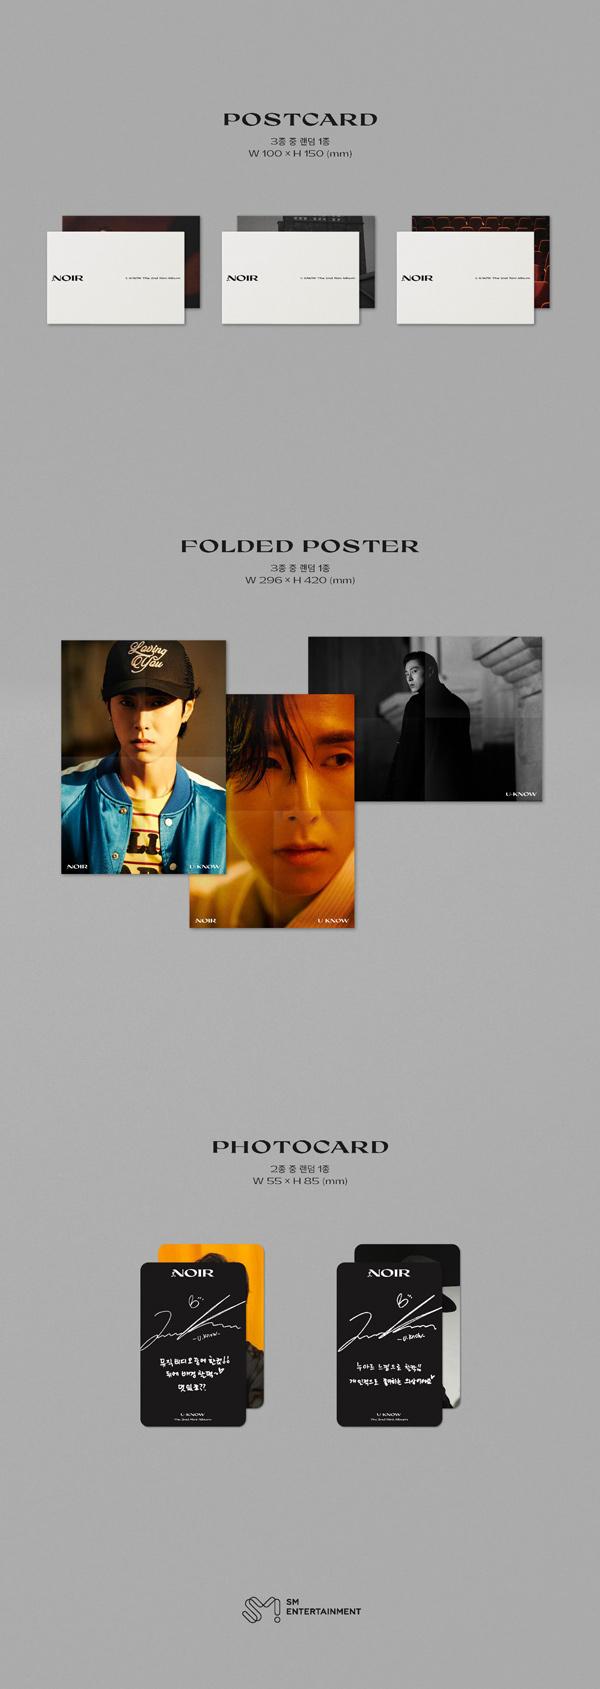 U-KNOW 유노윤호 The 2nd Mini Album [NOIR] Crank In Ver. - Album Details #3